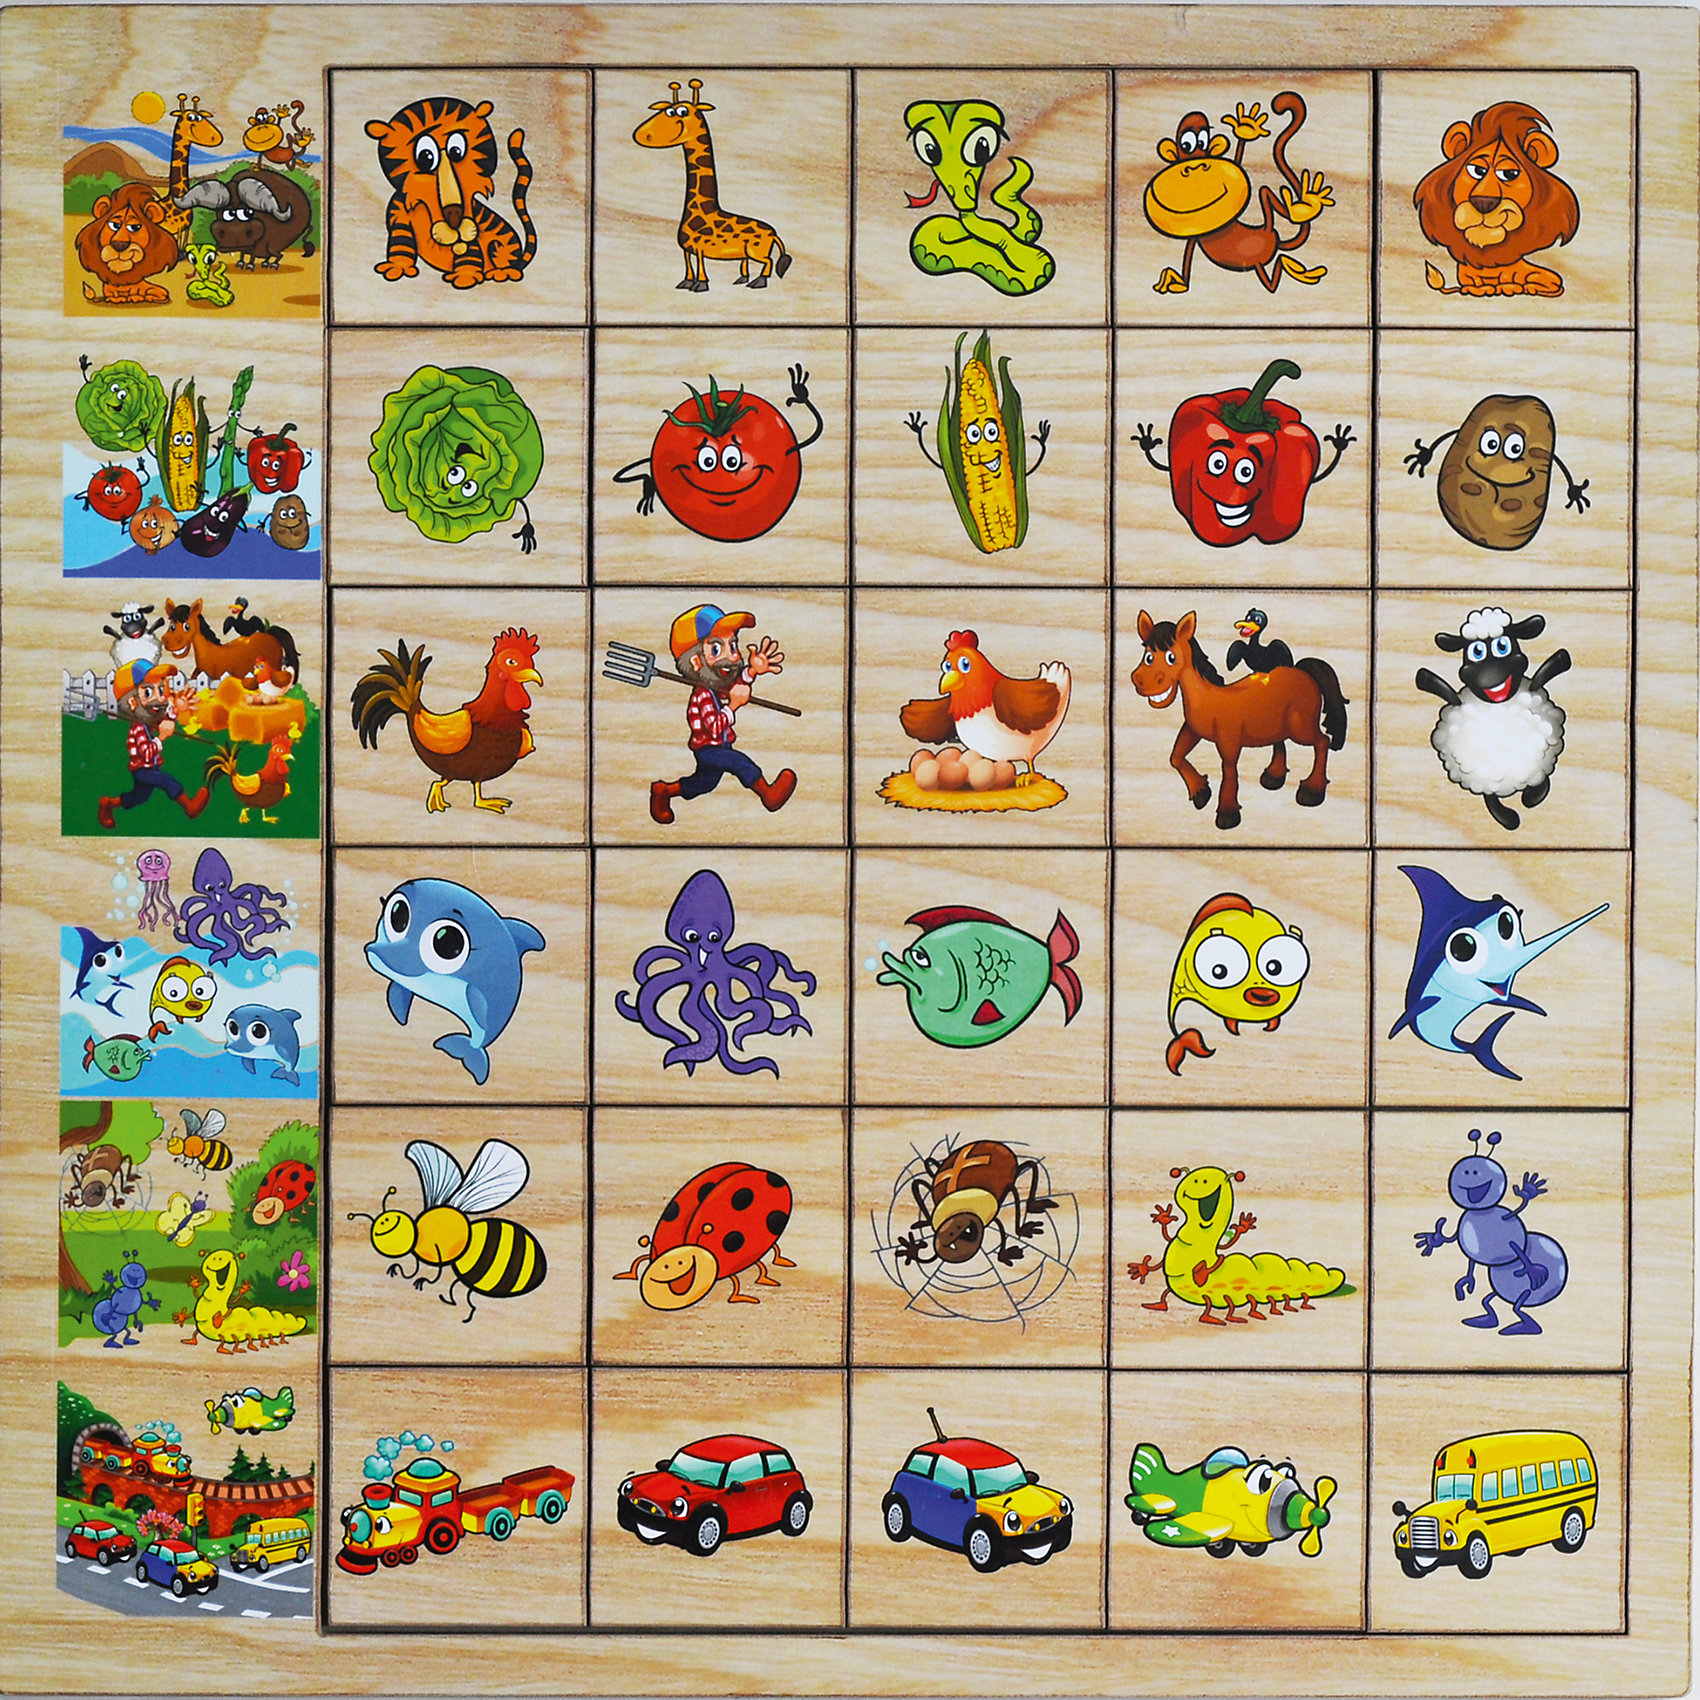 Развивающая игрушка: игра Ассоциации, Мастер игрушекИгры для дошкольников<br>Ассоциации - развивающая игра для детей. В набор входят 30 фишек и рамка. Ребенку предстоит заполнить ряд фишками, соответствующими основной картинке. Эта игра хорошо развивает логику и учит ребенка классификации.<br><br>Дополнительная информация:<br>В наборе: 30 фишек, рамка<br>Материал: дерево<br>Размер: 30х0,6х30 см<br>Вес: 420 грамм<br>Игру Ассоциации можно приобрести в нашем интернет-магазине.<br><br>Ширина мм: 300<br>Глубина мм: 6<br>Высота мм: 300<br>Вес г: 420<br>Возраст от месяцев: 36<br>Возраст до месяцев: 120<br>Пол: Унисекс<br>Возраст: Детский<br>SKU: 4953663